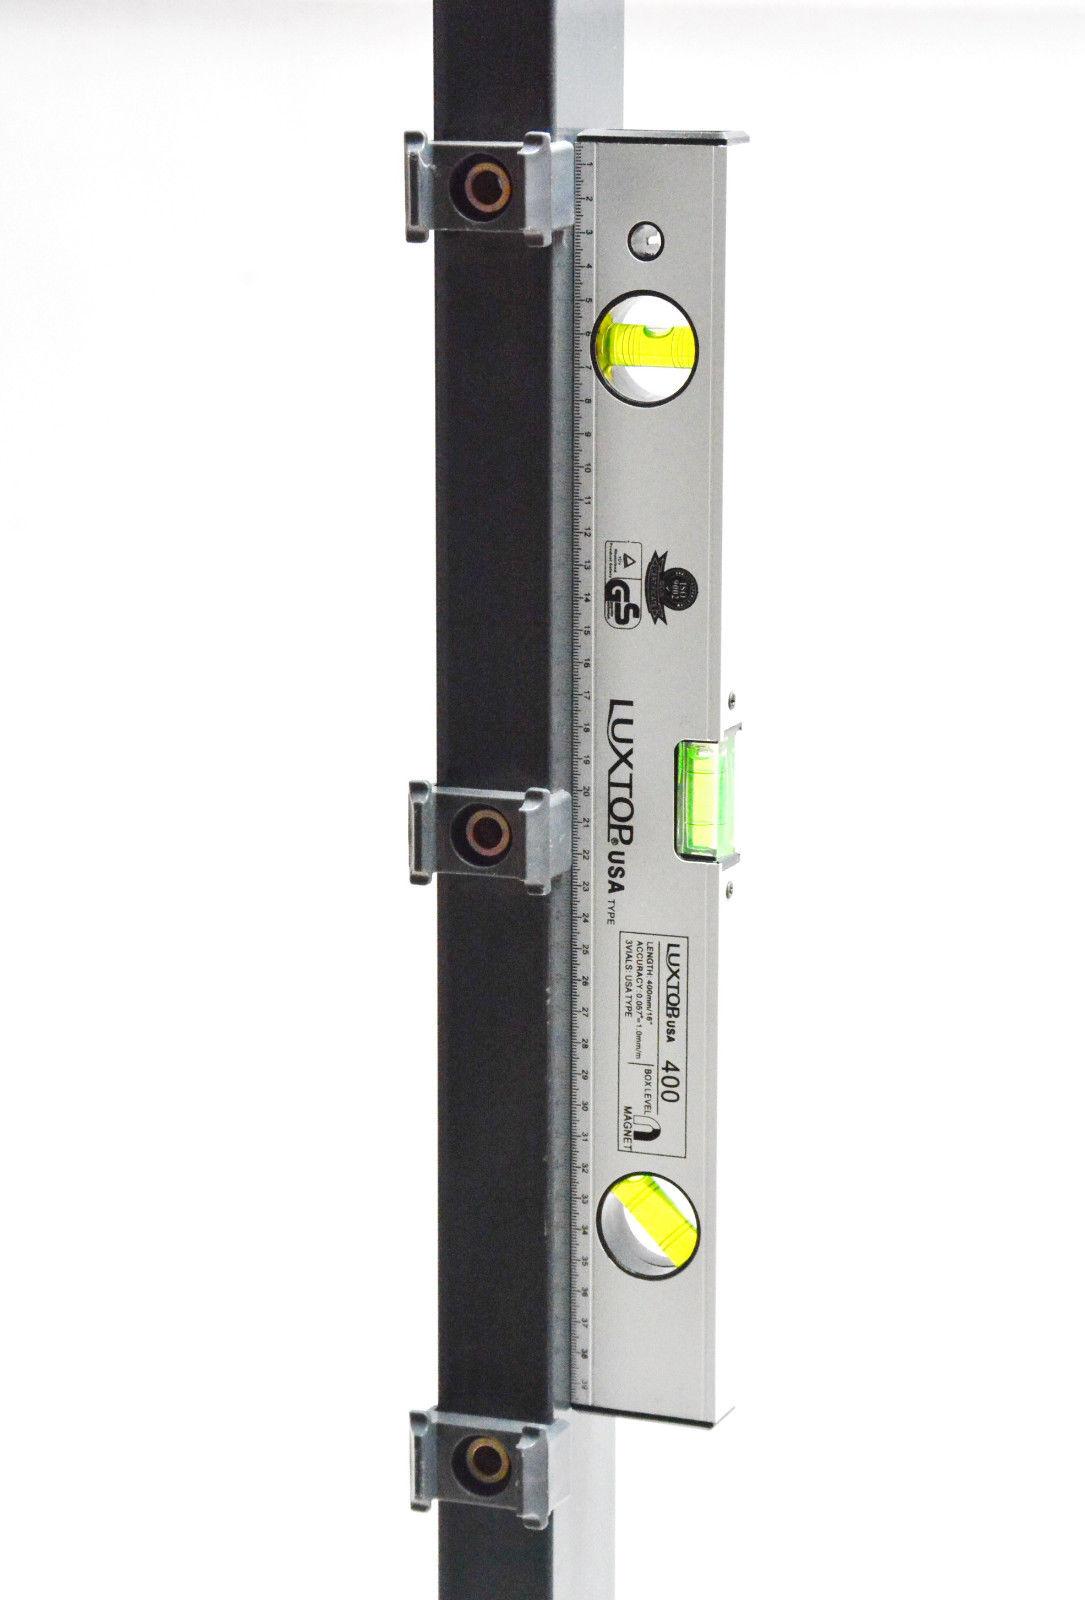 Rosette Stahl Metall 059 Zaune 800x180 Zierteil für Zaun Tor Tür aus Eisen